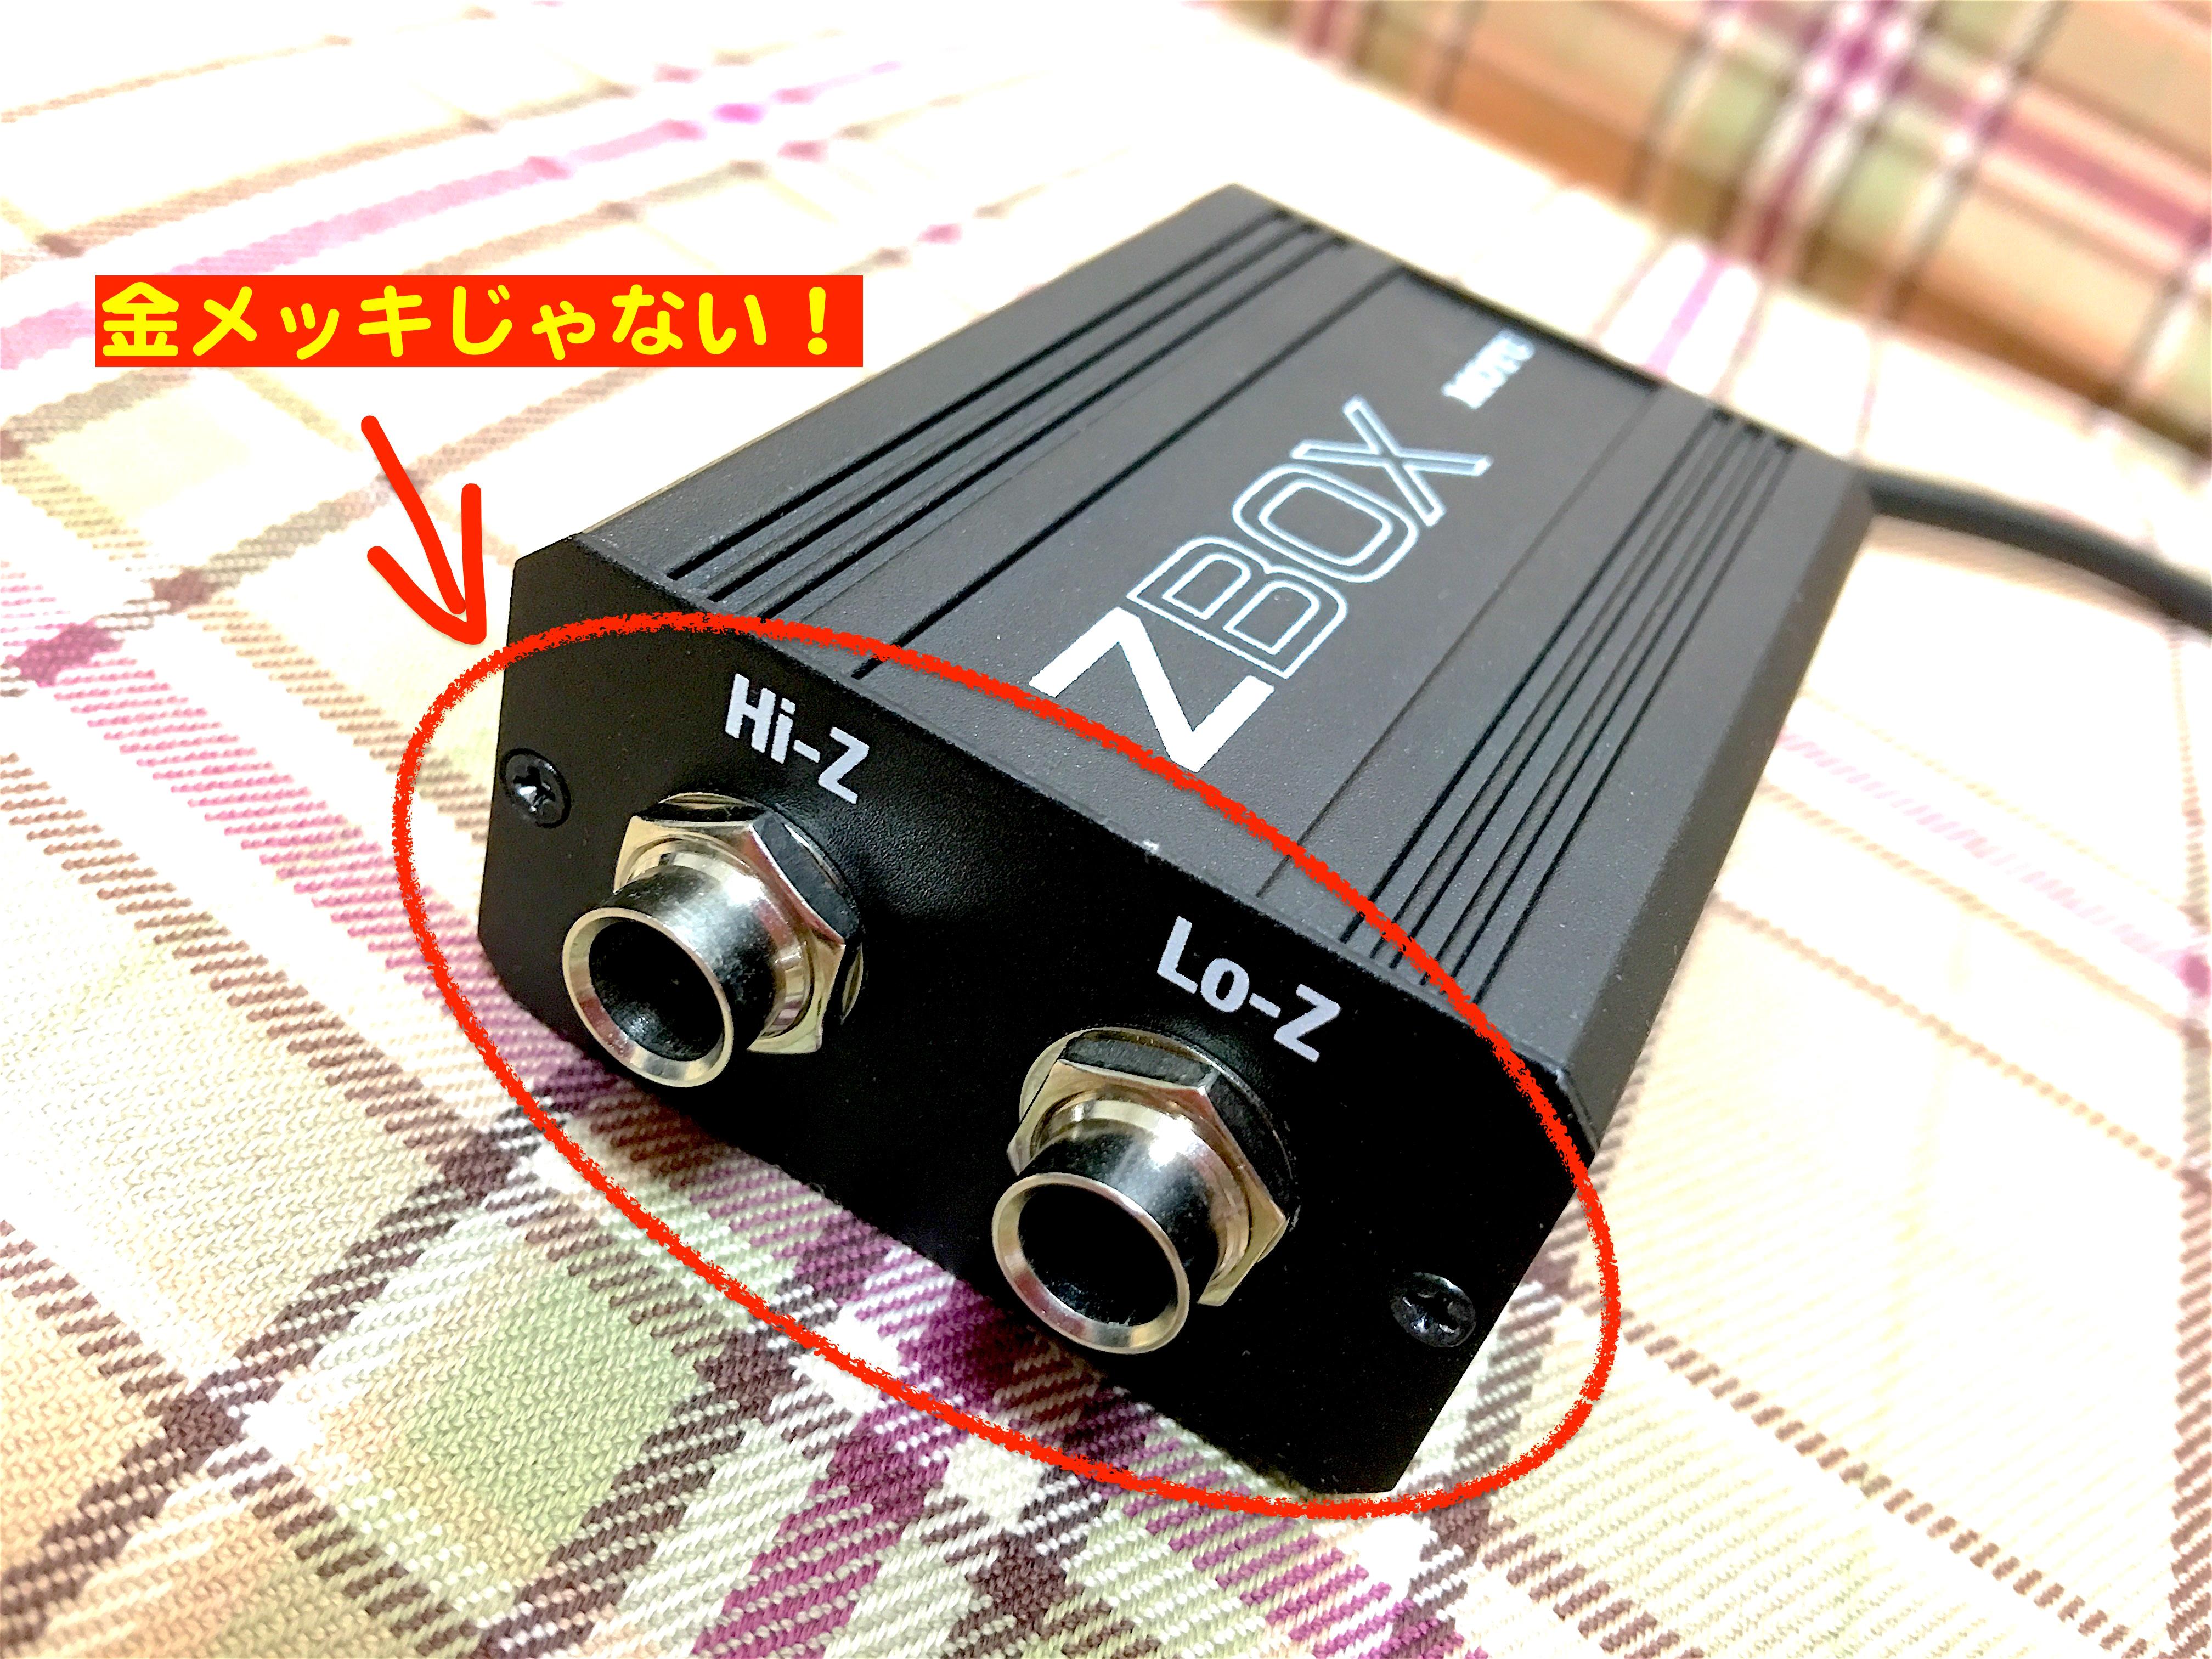 MOTU Zbox|金メッキじゃない 画像1